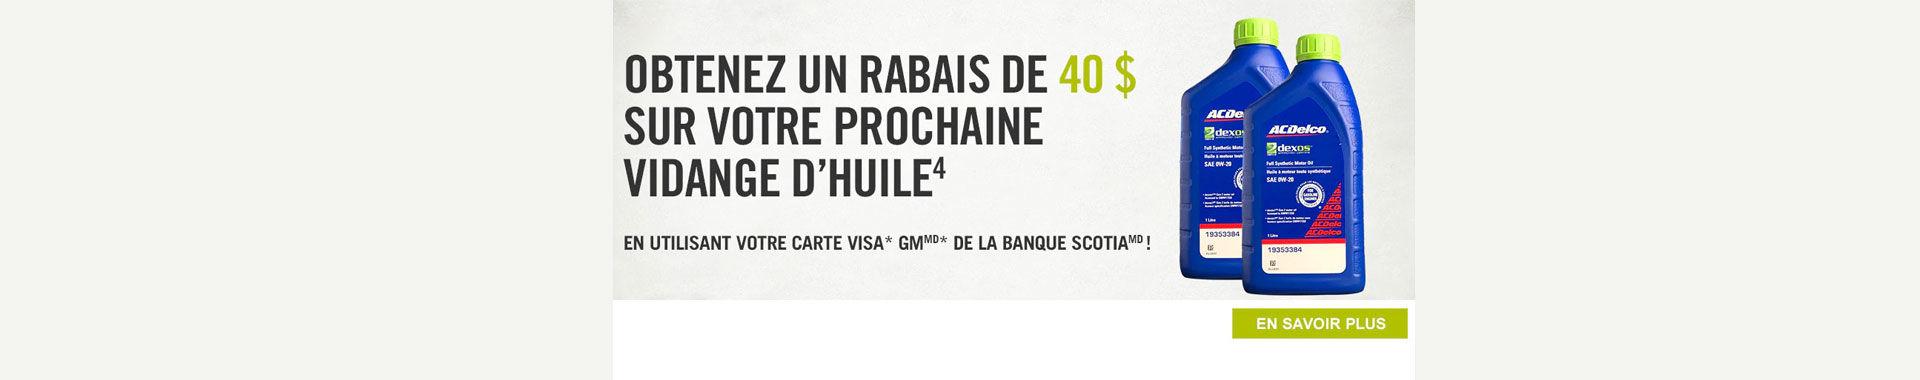 40 $ DE RABAIS SUR UNE VIDANGE D'HUILE